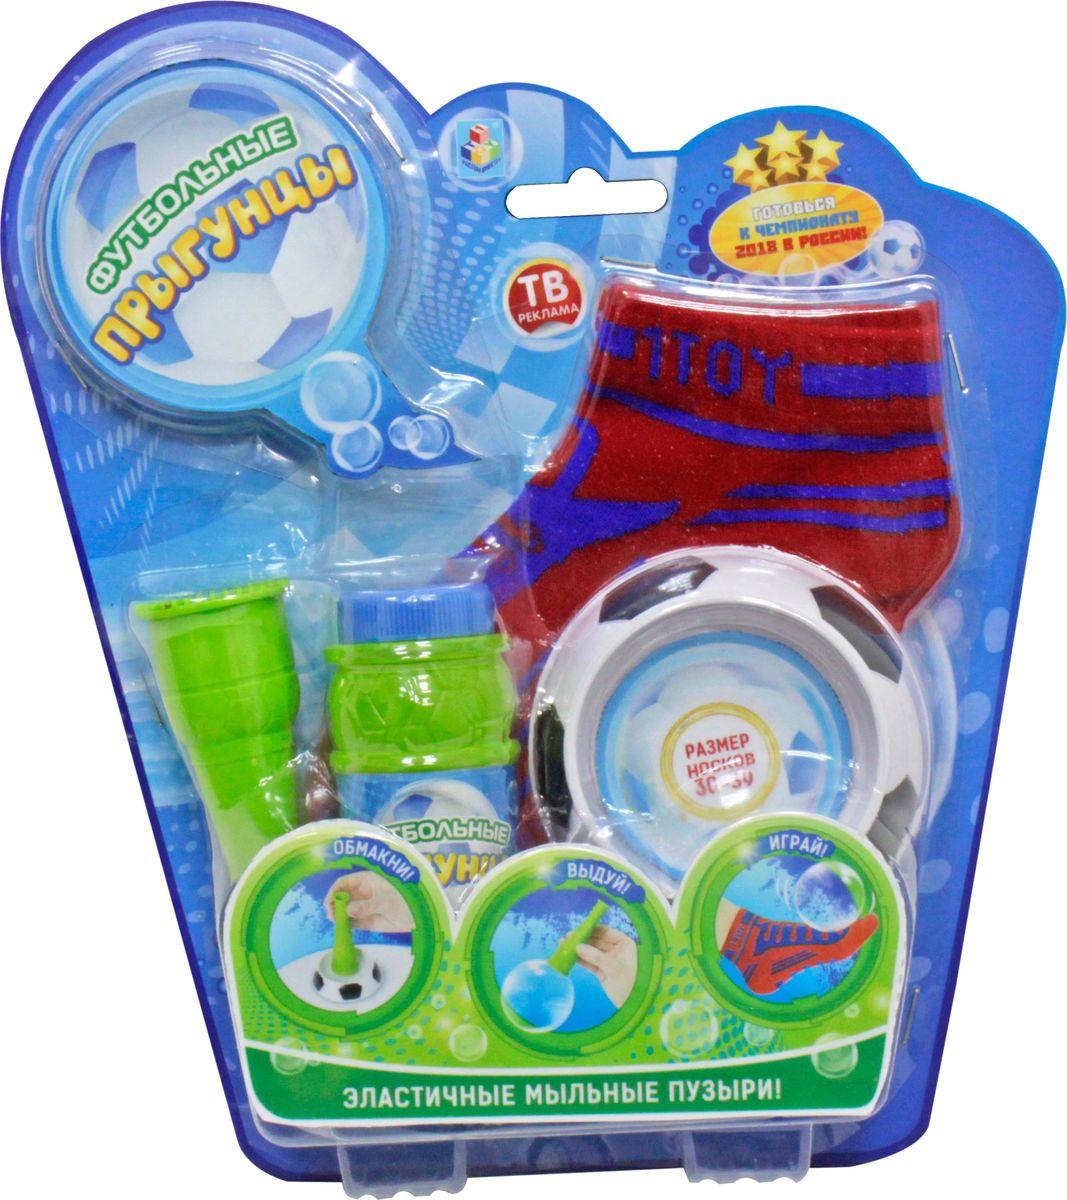 1TOY Мыльные пузыри Футбольные Прыгунцы 80 мл Т59276 мыльные пузыри 1 toy мыльные пузыри angry birds колба 90 мл